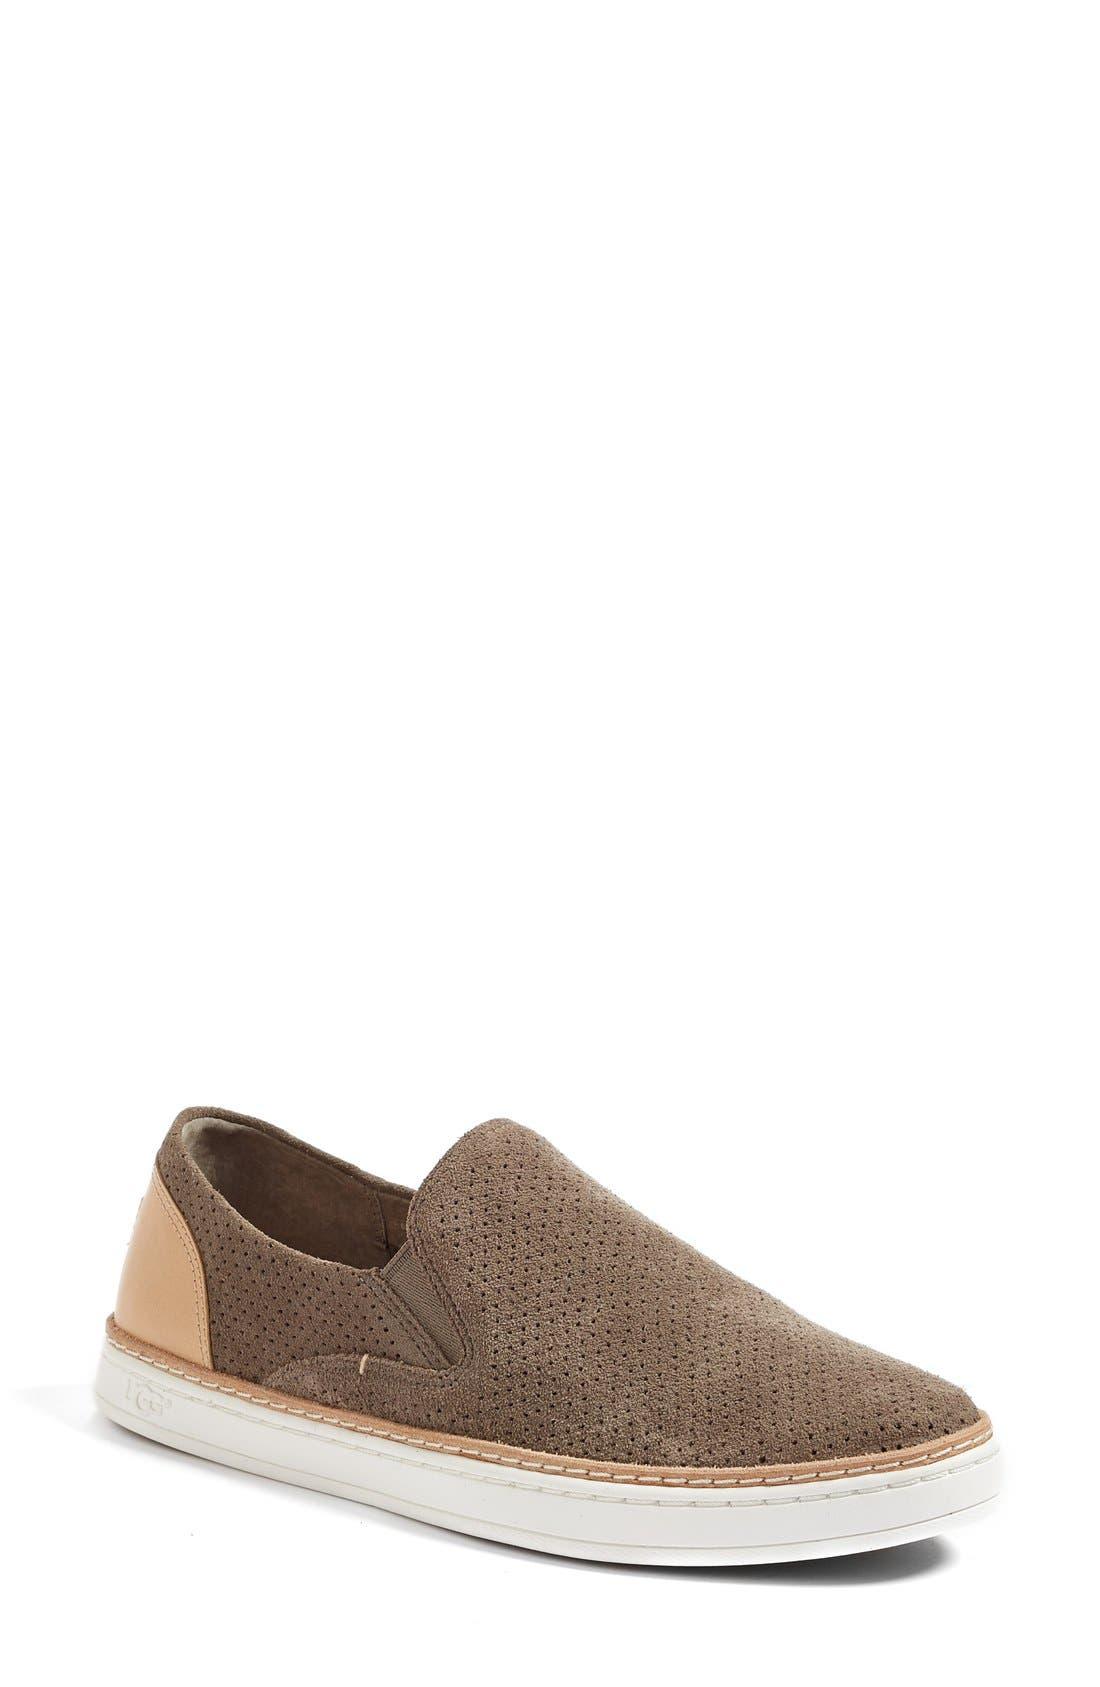 Adley Slip-On Sneaker,                             Main thumbnail 3, color,